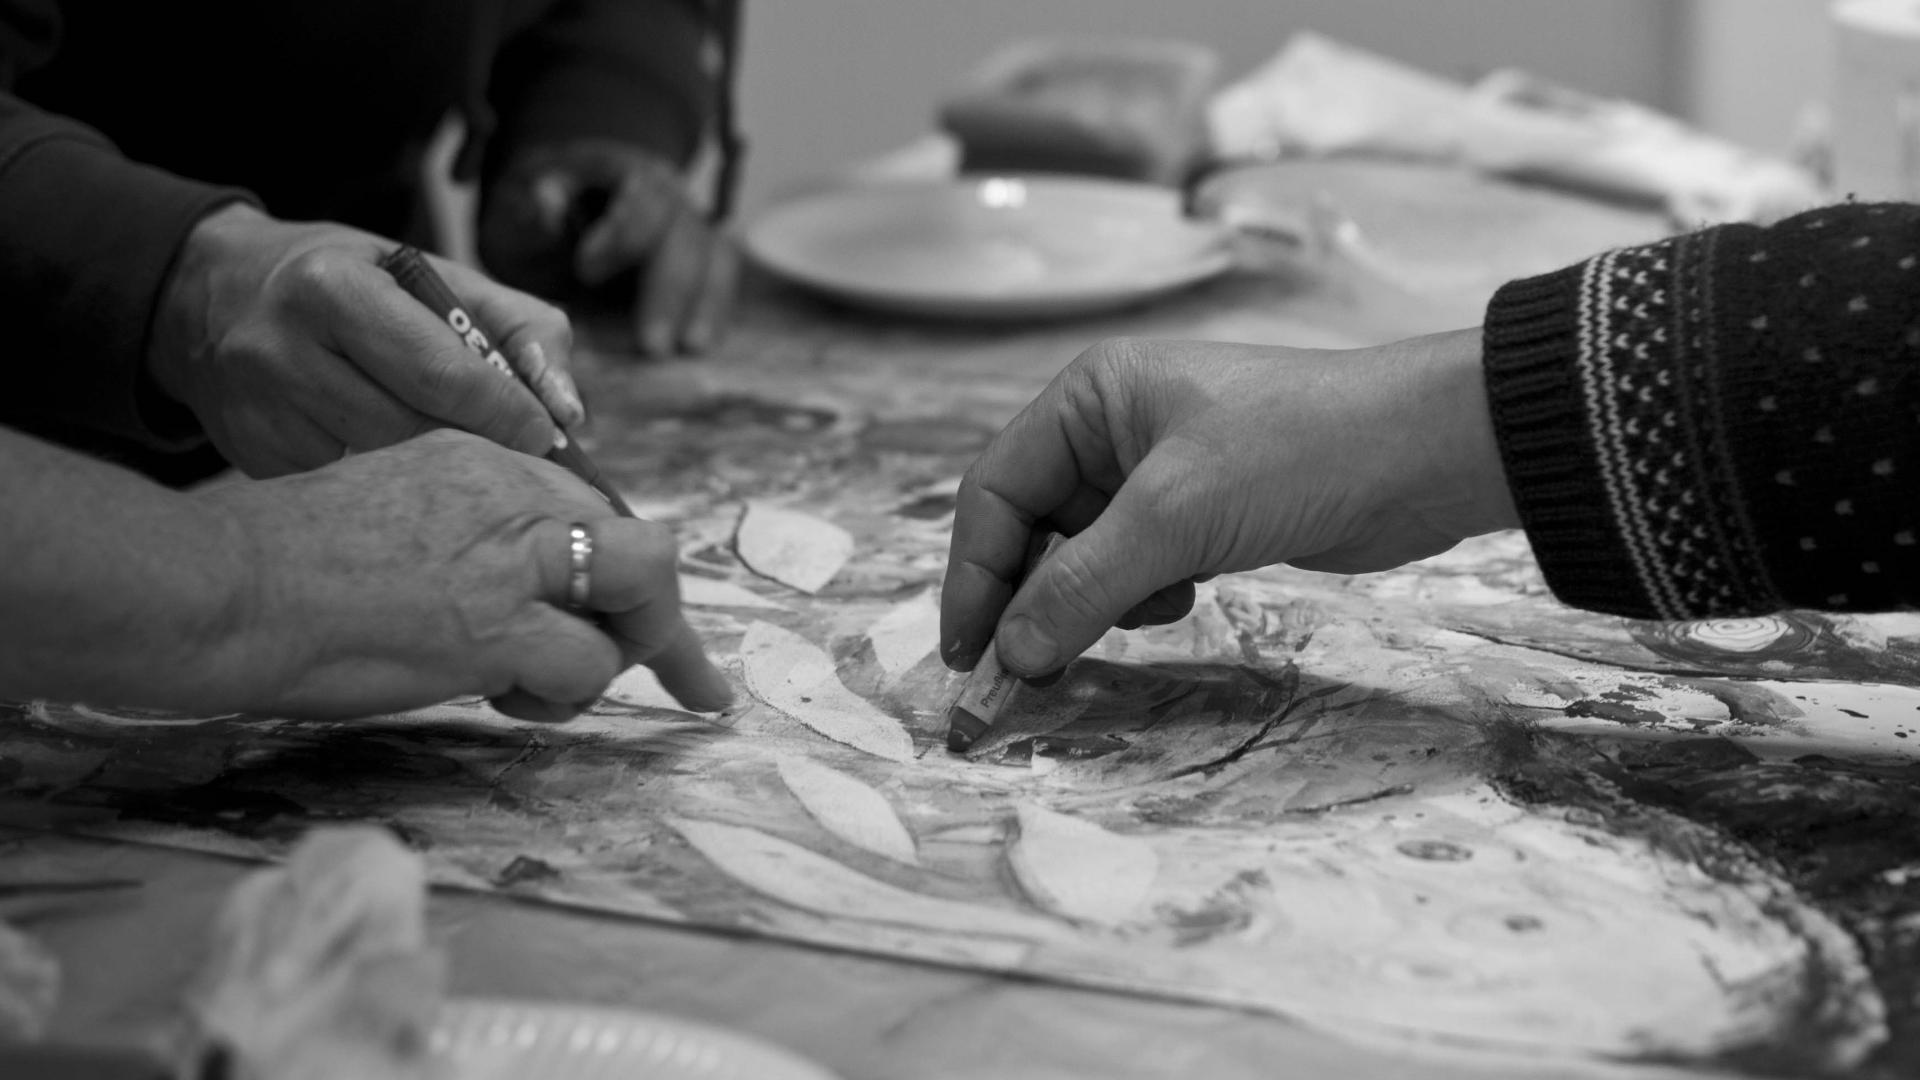 Mehrere Hände malen zusammen ein Kunstwerk (Schwarzweiß)